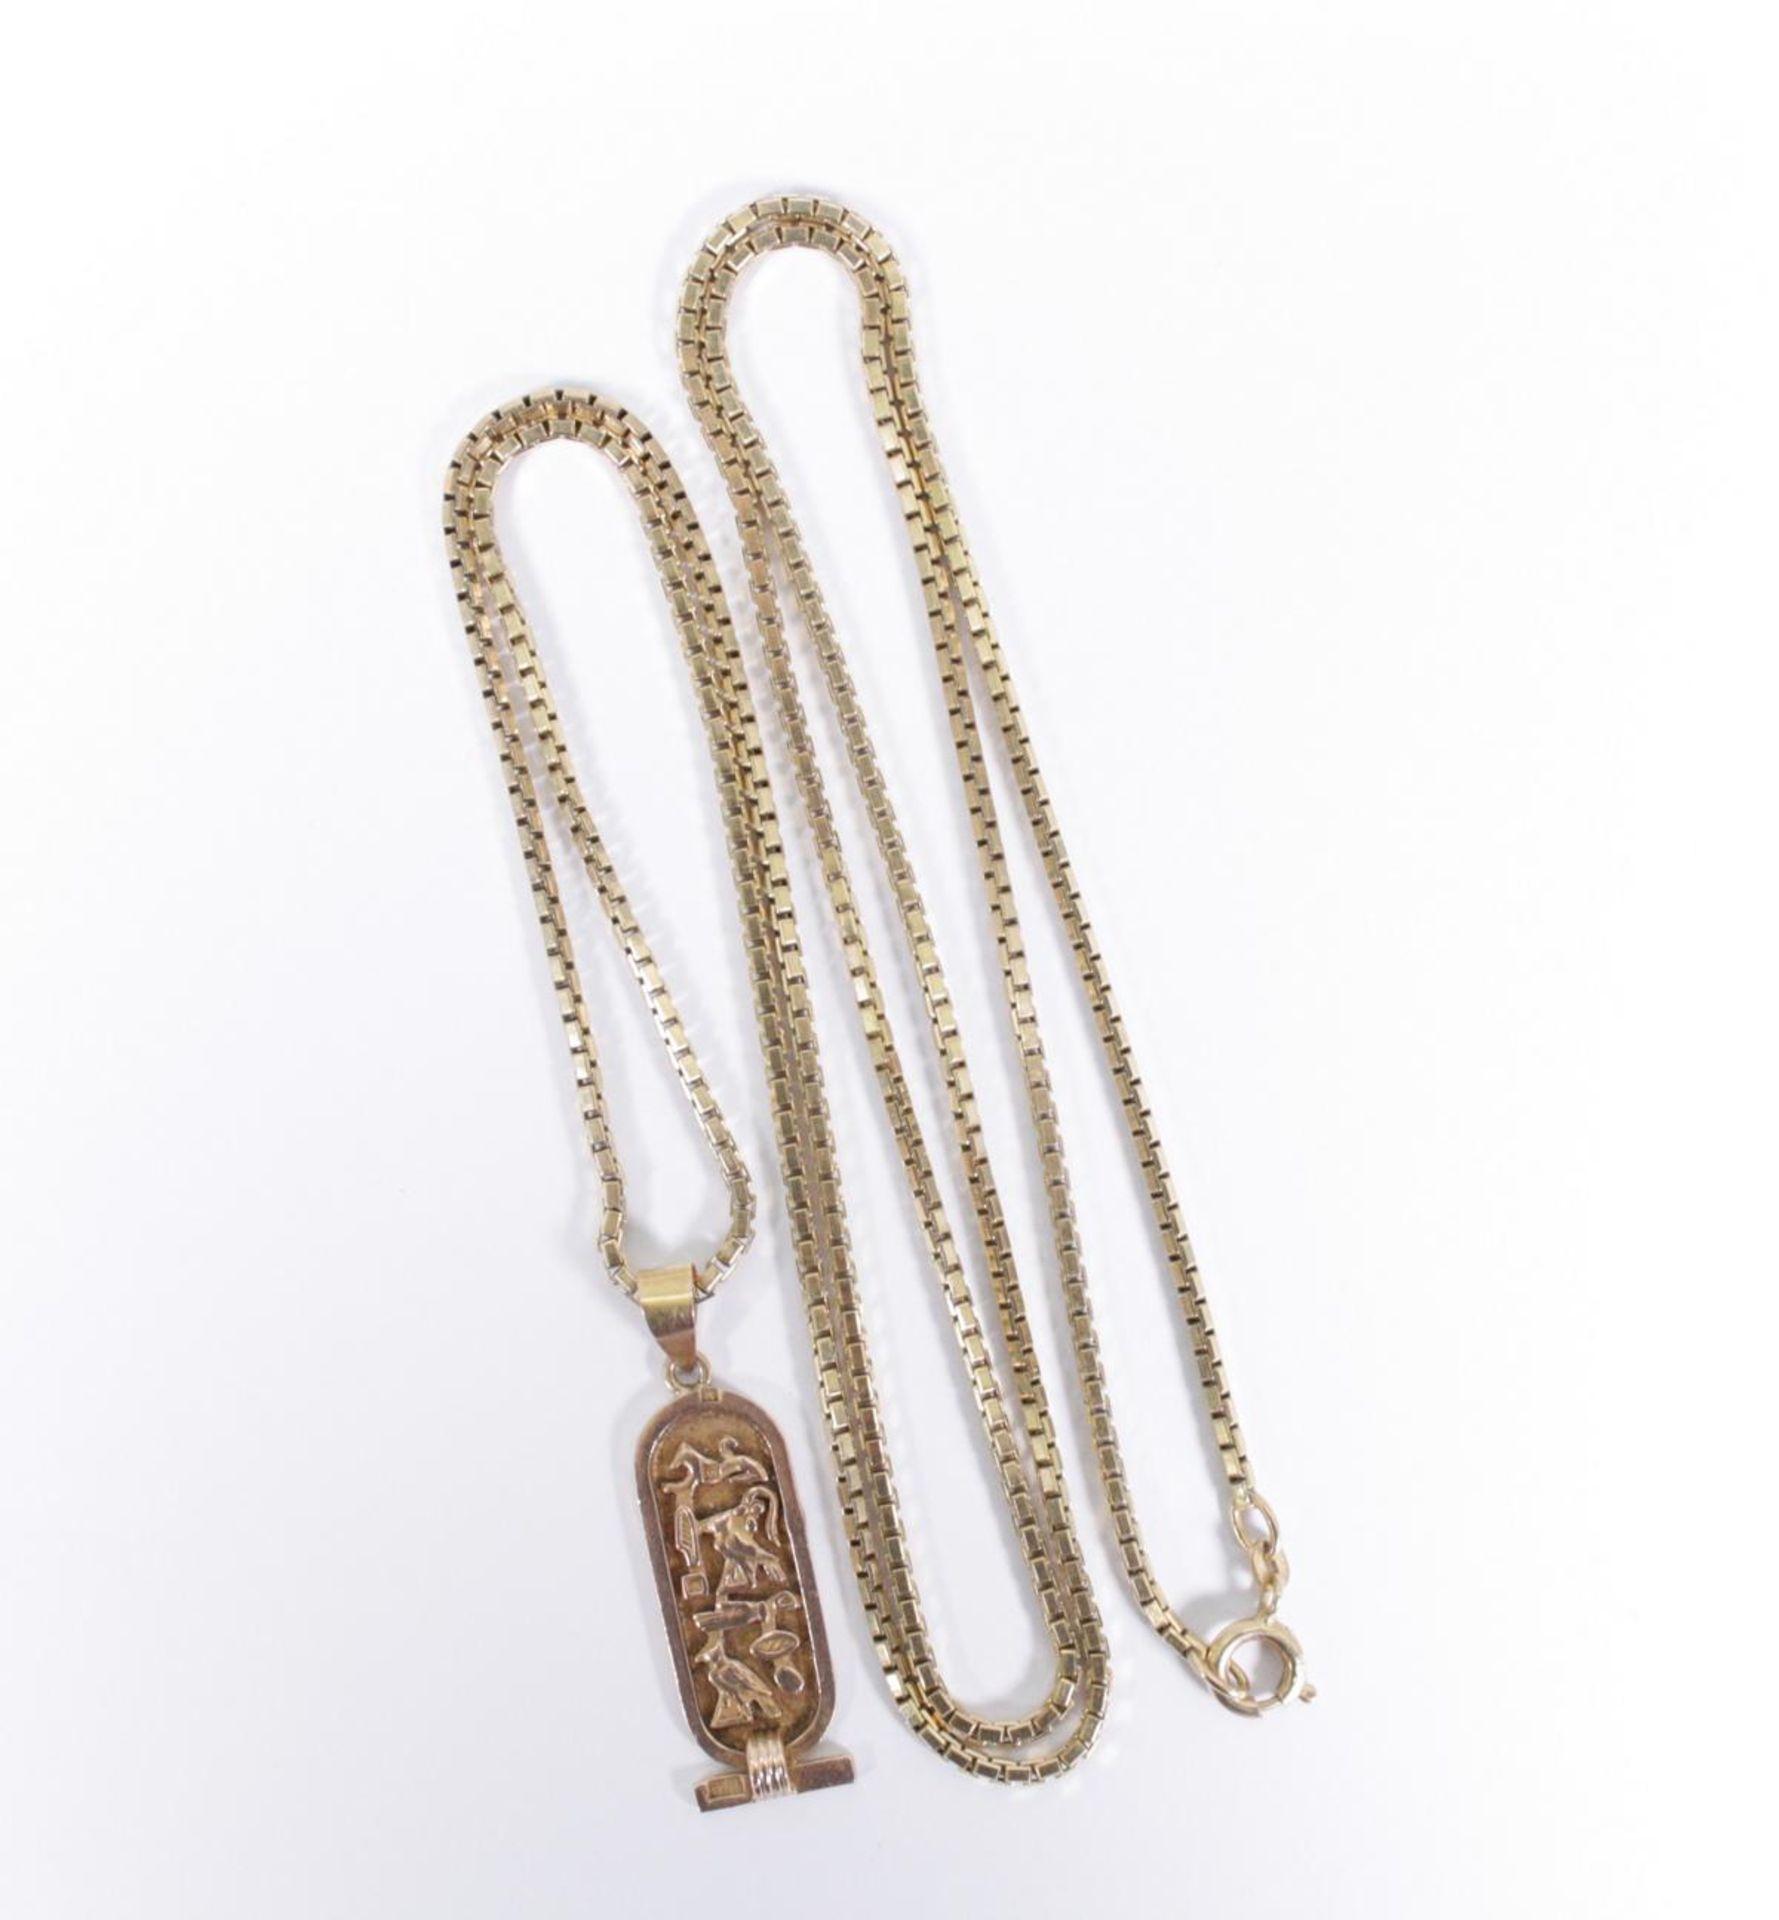 Halskette mit Ägyptischen Anhänger, 14 Karat Gelbgold